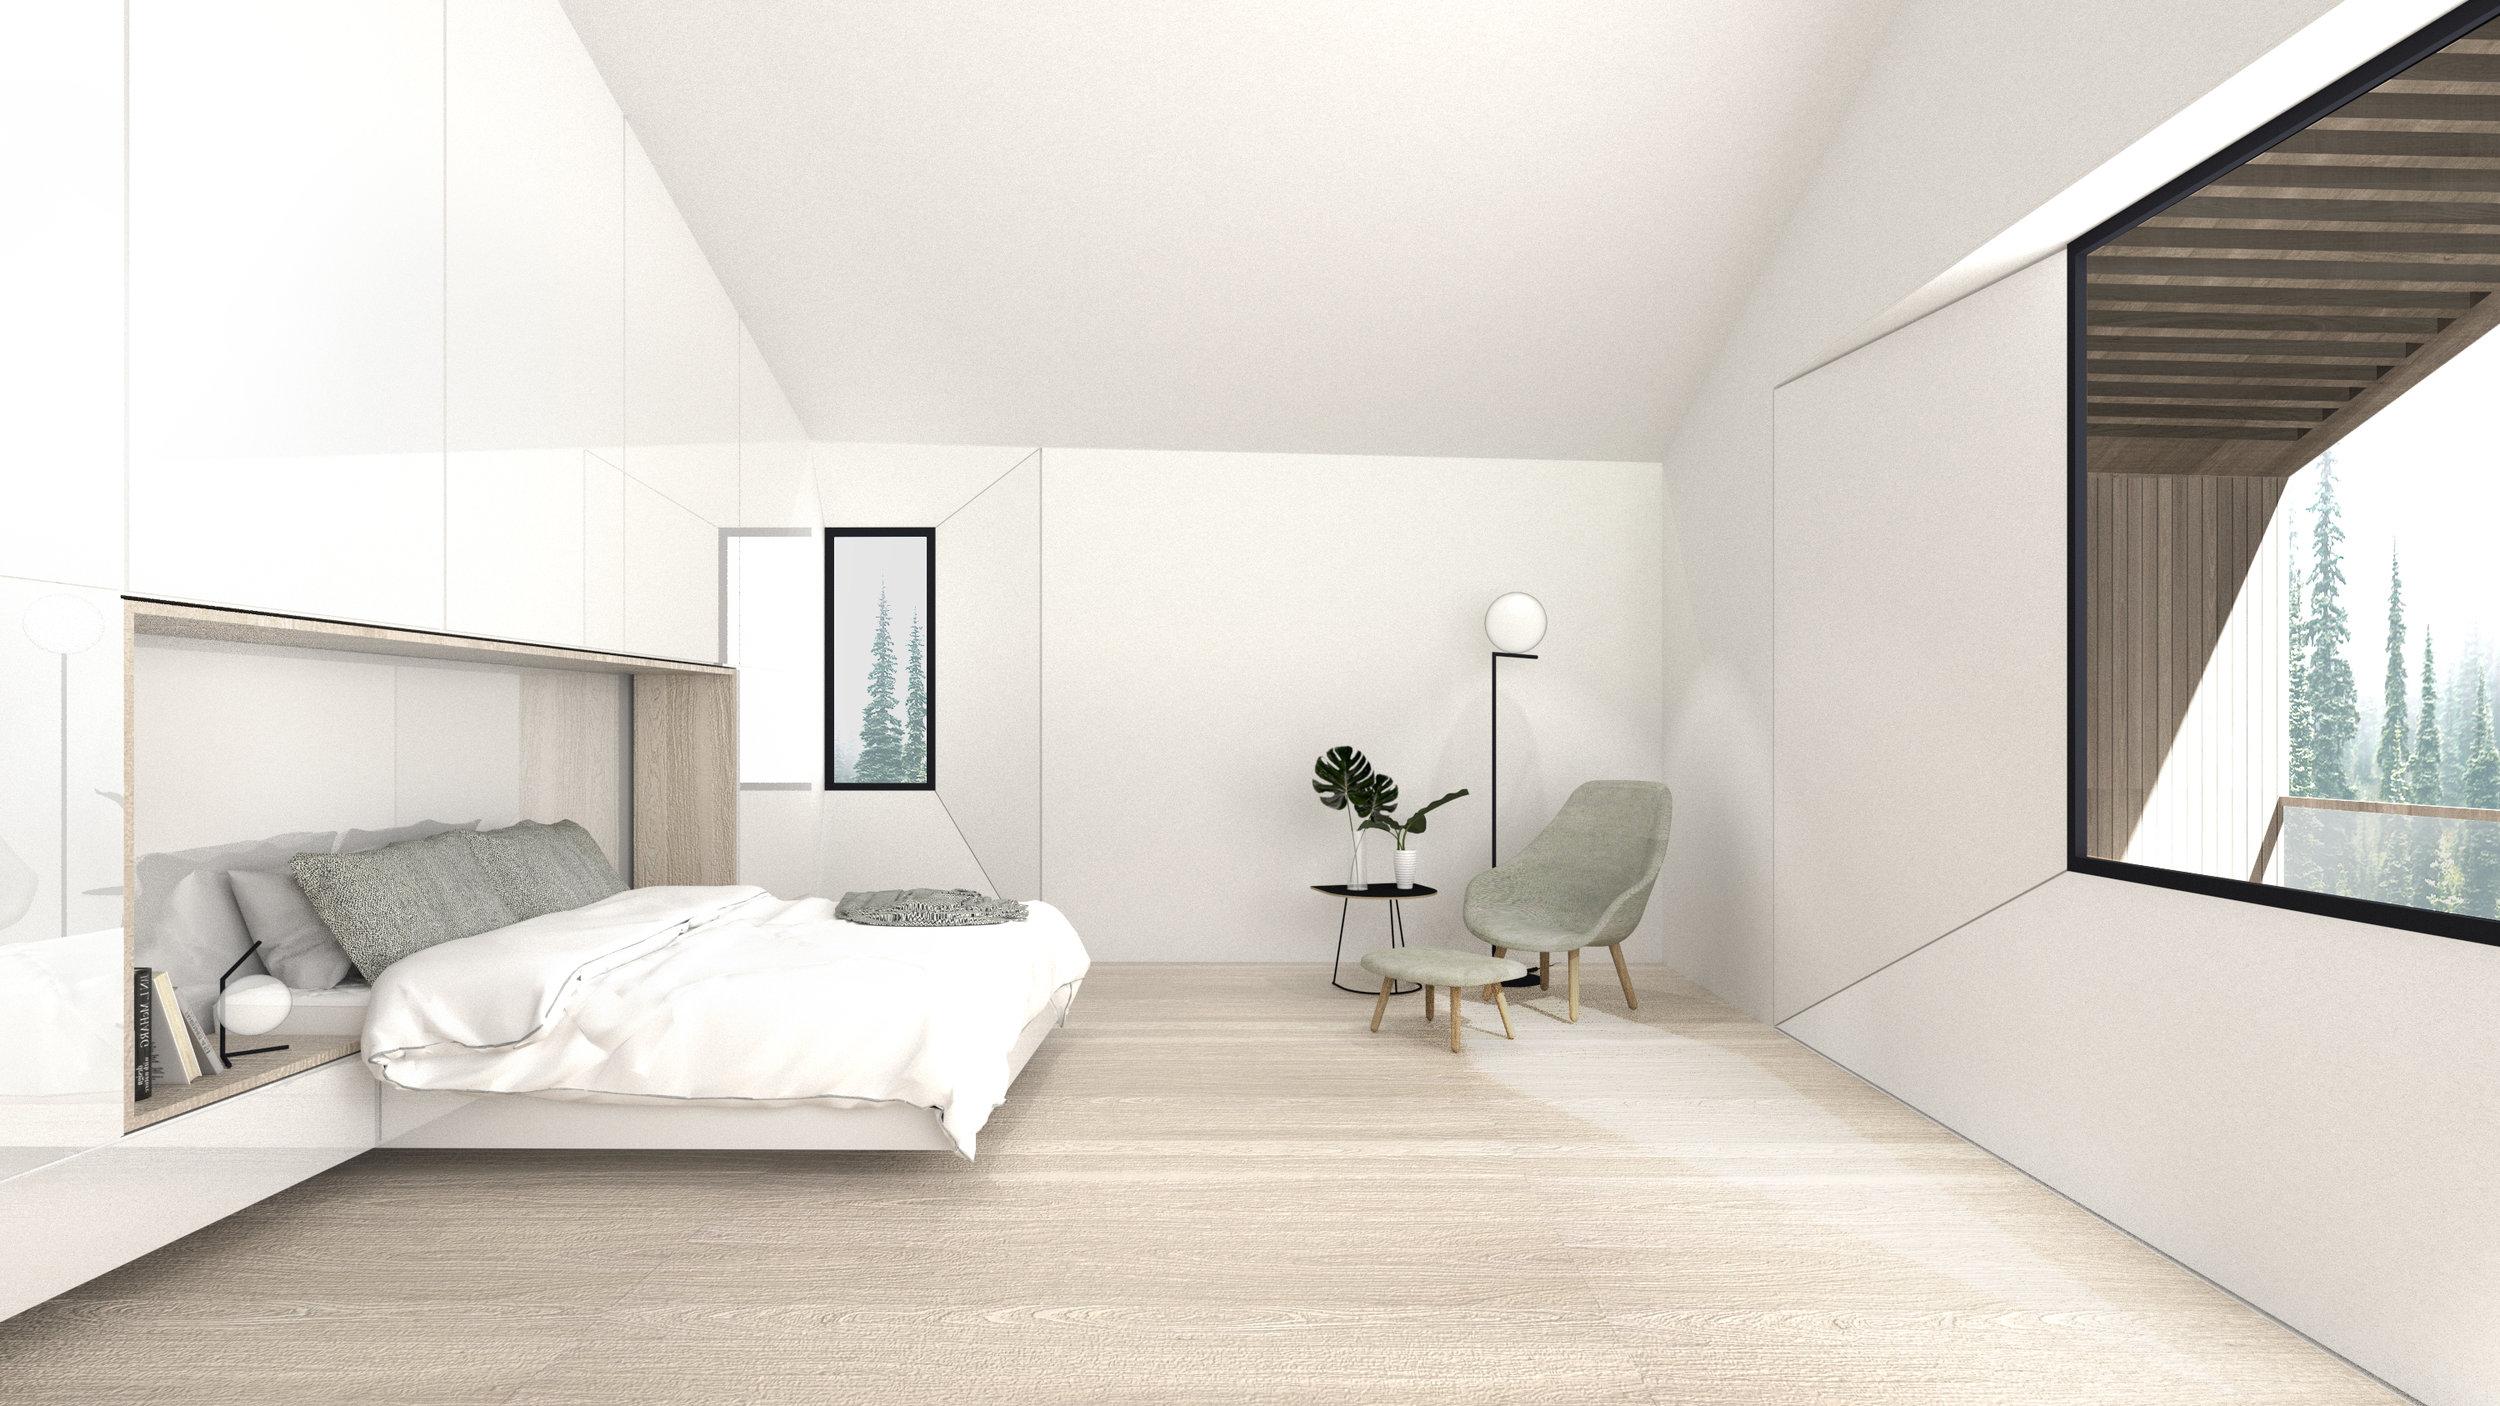 190221_Master Bedroom 01.jpg